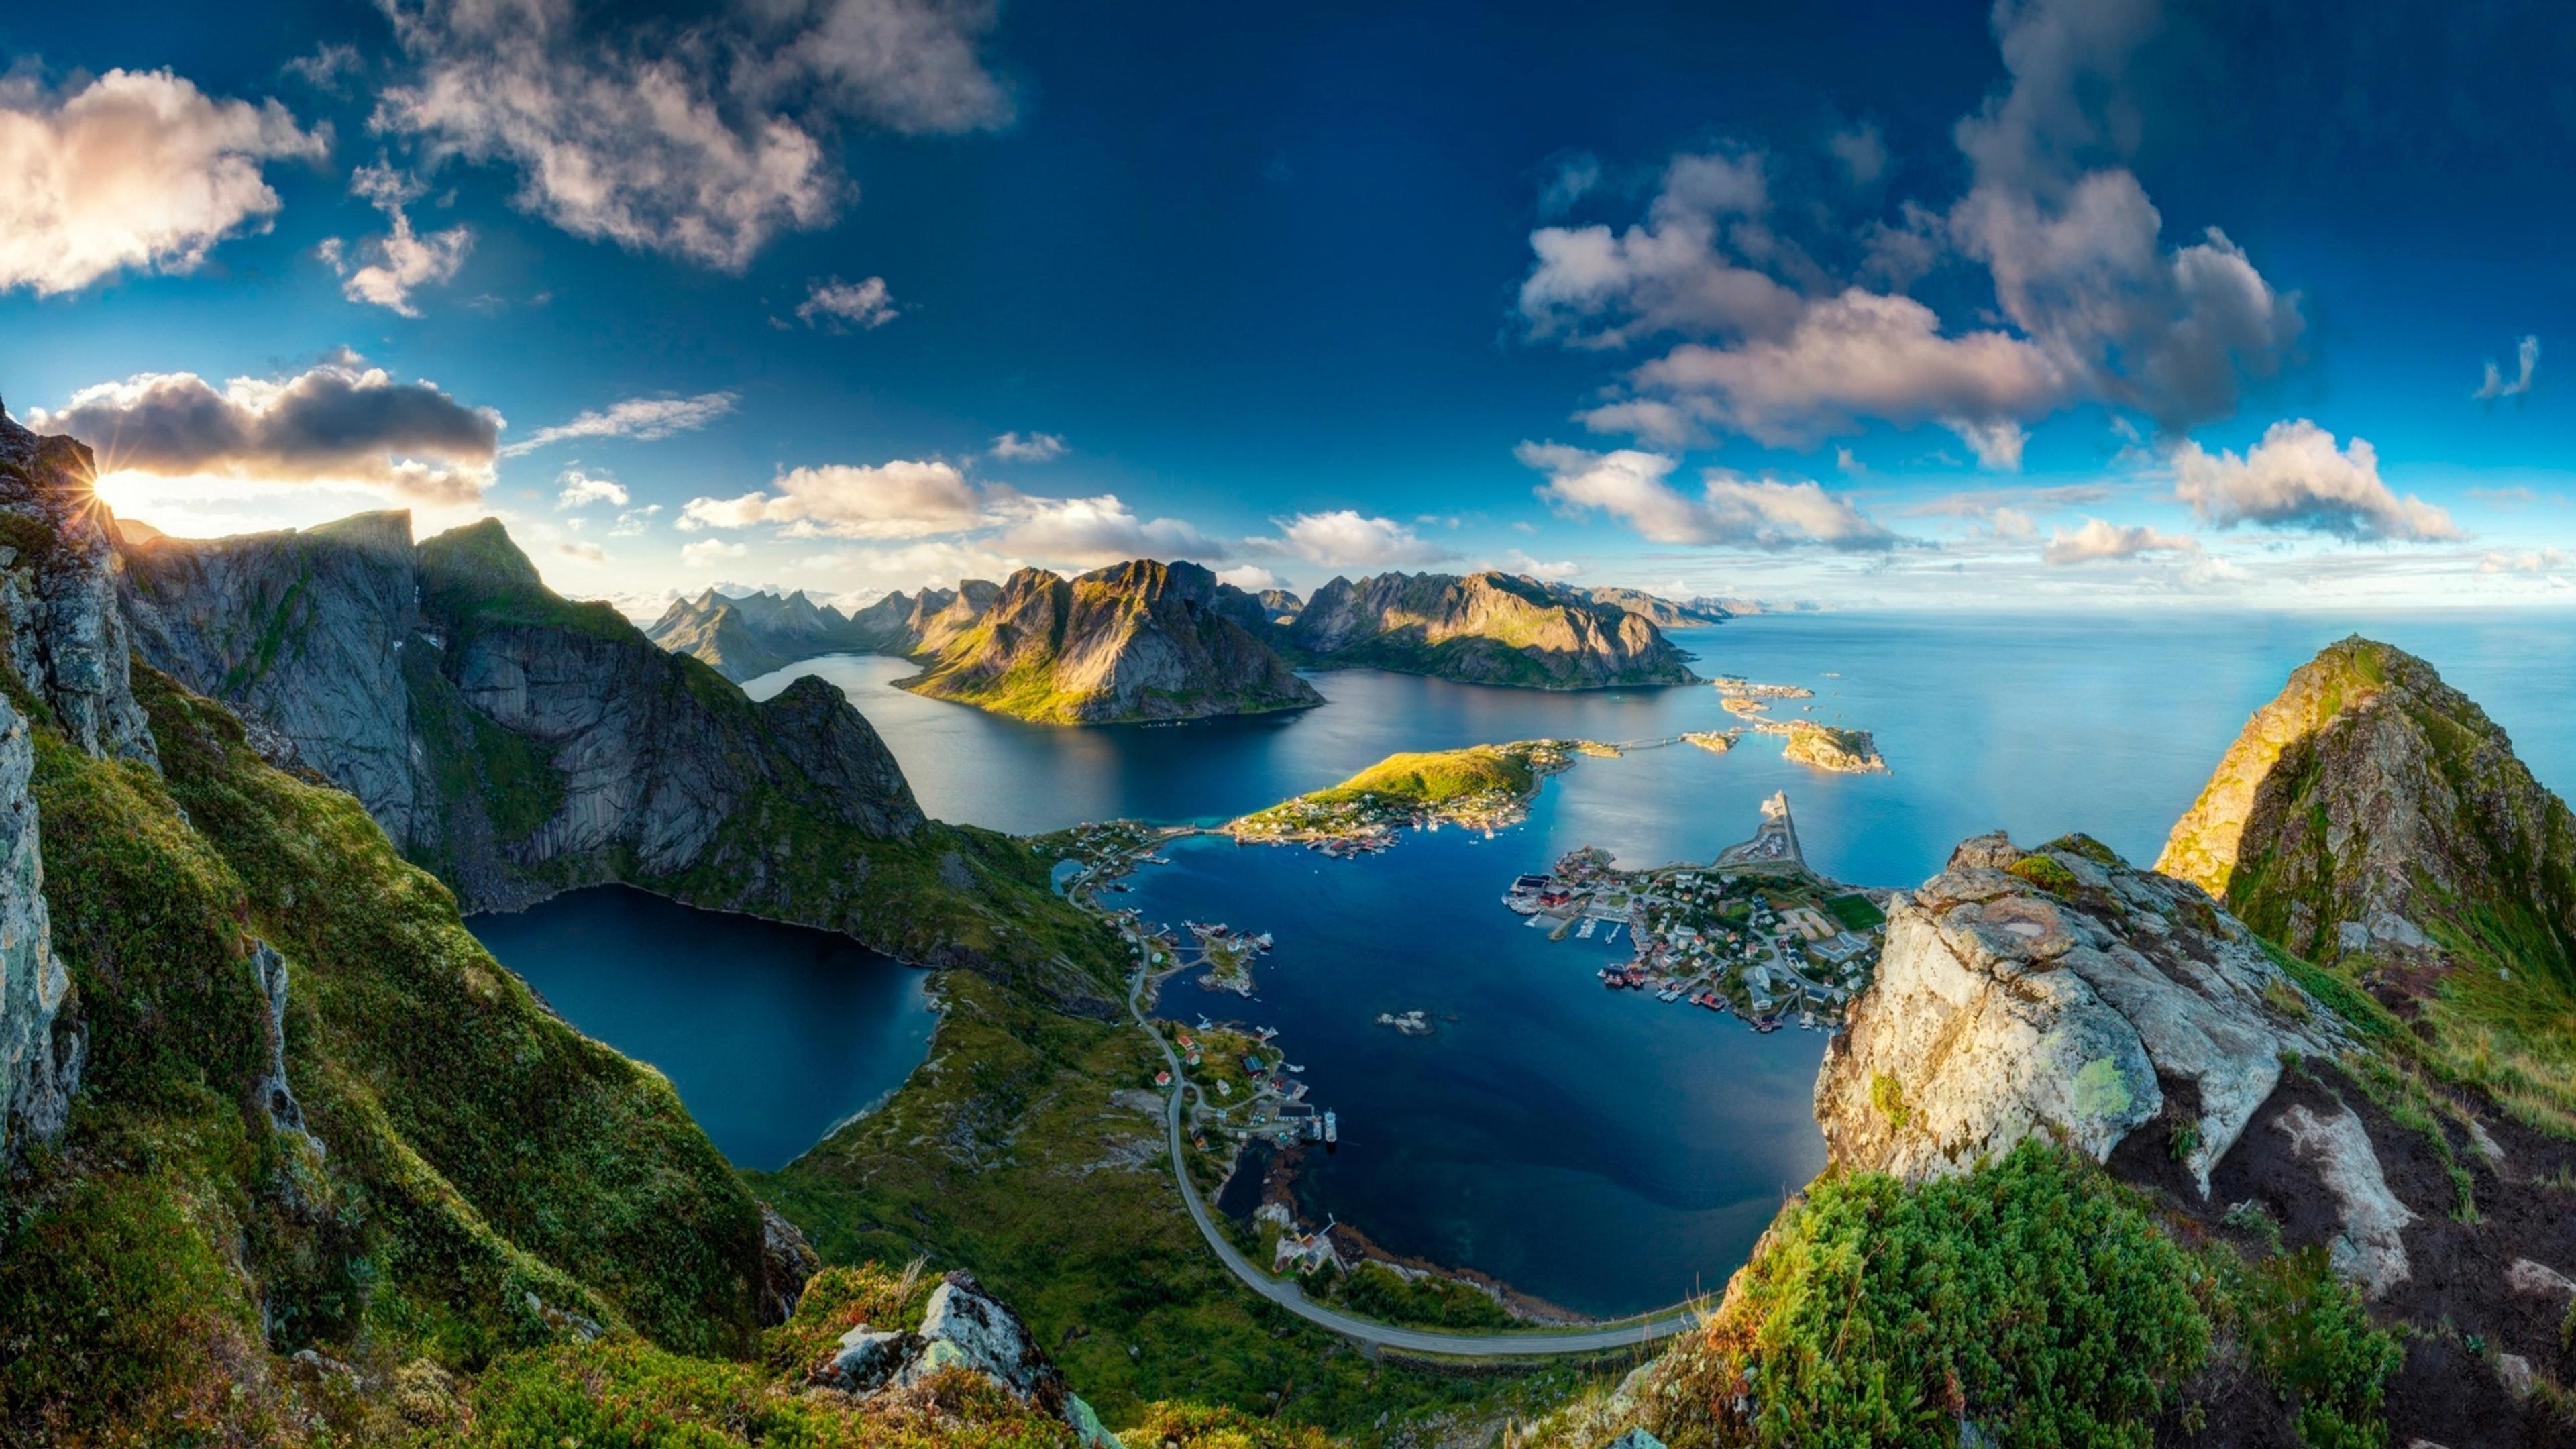 Bmw Mountain View >> Reinebringen Norway - Stunning landscape Wallpaper ...